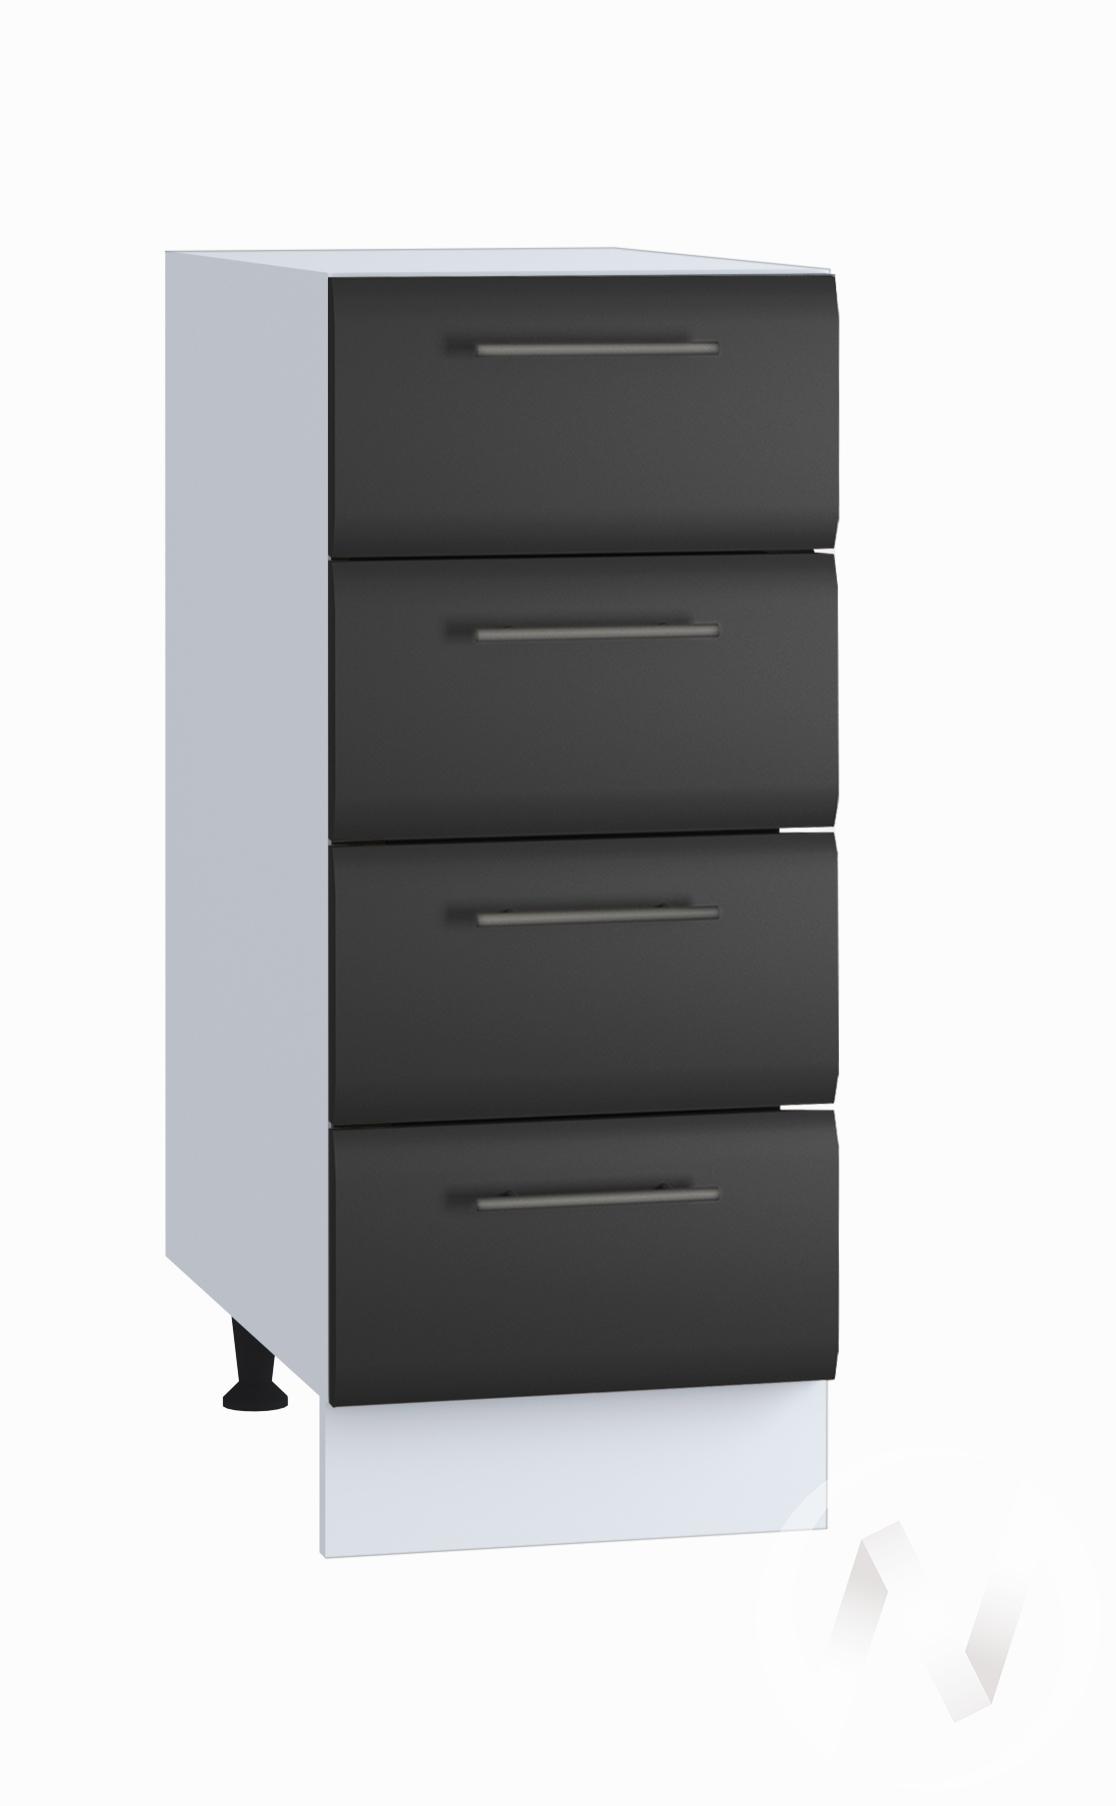 """Кухня """"Люкс"""": Шкаф нижний с 4-мя ящиками 300, ШН4Я 300 (Шелк венге/корпус белый)"""